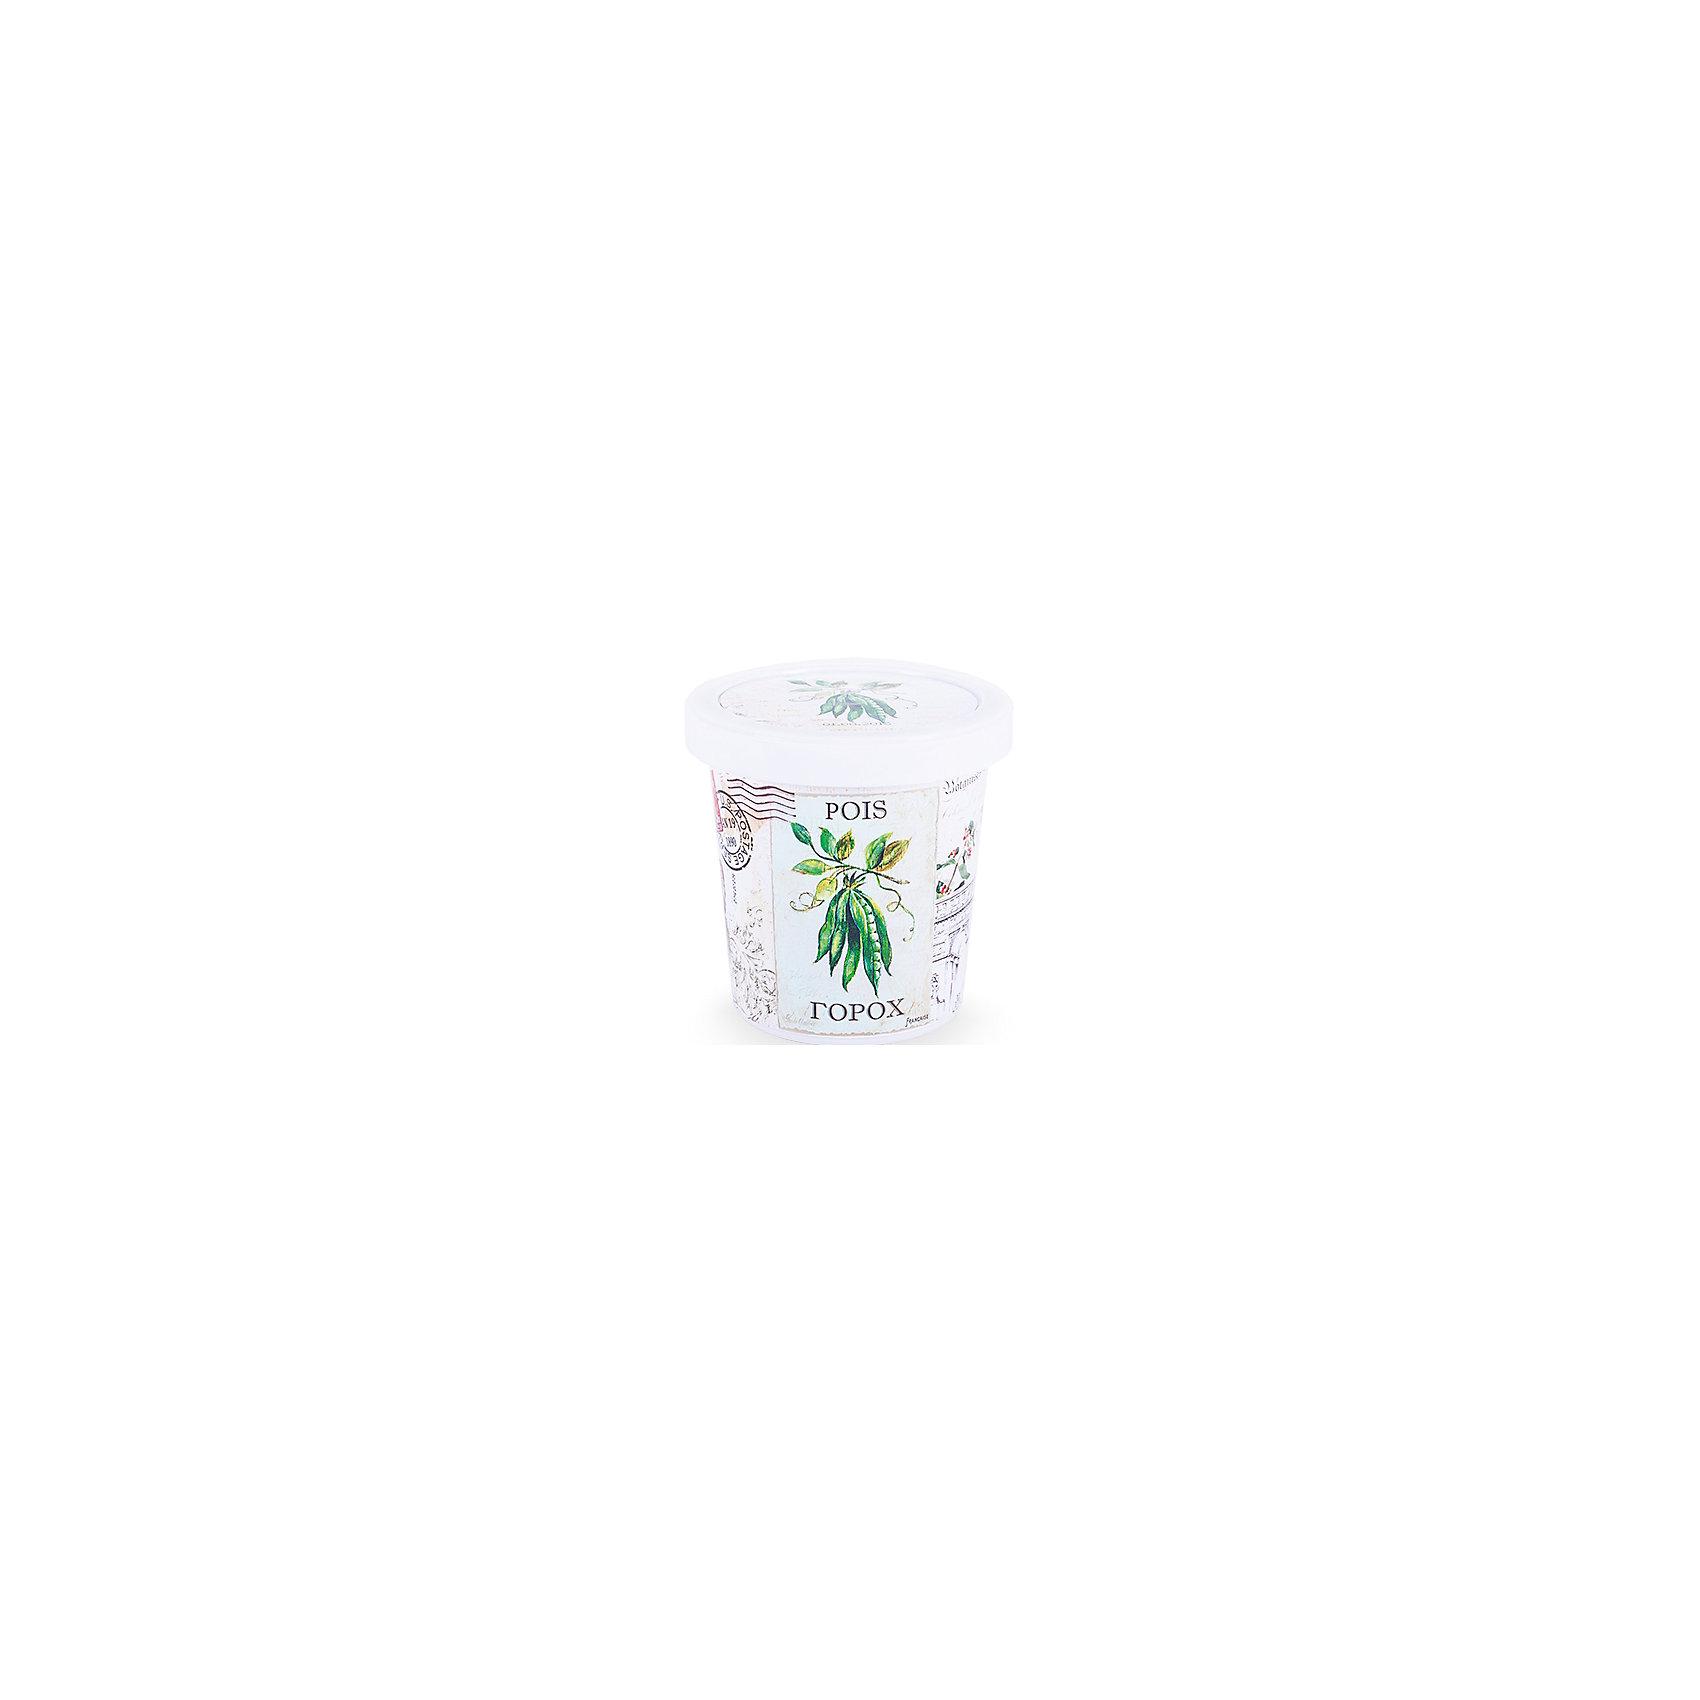 Набор для выращивания Горох Rostok VisaГорох, Бумбарам.<br><br>Характеристики:<br><br>• вы сможете выращивать растения у себя дома<br>• экологически чистая продукция<br>• не содержит химикаты<br>• отличная всхожесть<br>• приятный дизайн<br>• в комплекте: горшочек, пакет с семенами, грунт, инструкция<br>• размер упаковки: 7,5х7,5х12 см<br>• вес: 275 грамм<br><br>Если вы хотите продлить дачный сезон у себя дома, то набор для выращивания Горох станет прекрасным подарком для вас. С его помощью вы сможете вырастить настоящий горох в домашних условиях. Продукция экологически чистая и гарантирует высокую всхожесть. Выросшее растение порадует вас вполне съедобными плодами. Такой набор - прекрасный повод для продолжения дачного сезона!<br><br>Набор Горох, Бумбарам можно купить в нашем интернет-магазине.<br><br>Ширина мм: 120<br>Глубина мм: 75<br>Высота мм: 75<br>Вес г: 267<br>Возраст от месяцев: 168<br>Возраст до месяцев: 240<br>Пол: Унисекс<br>Возраст: Детский<br>SKU: 5053990